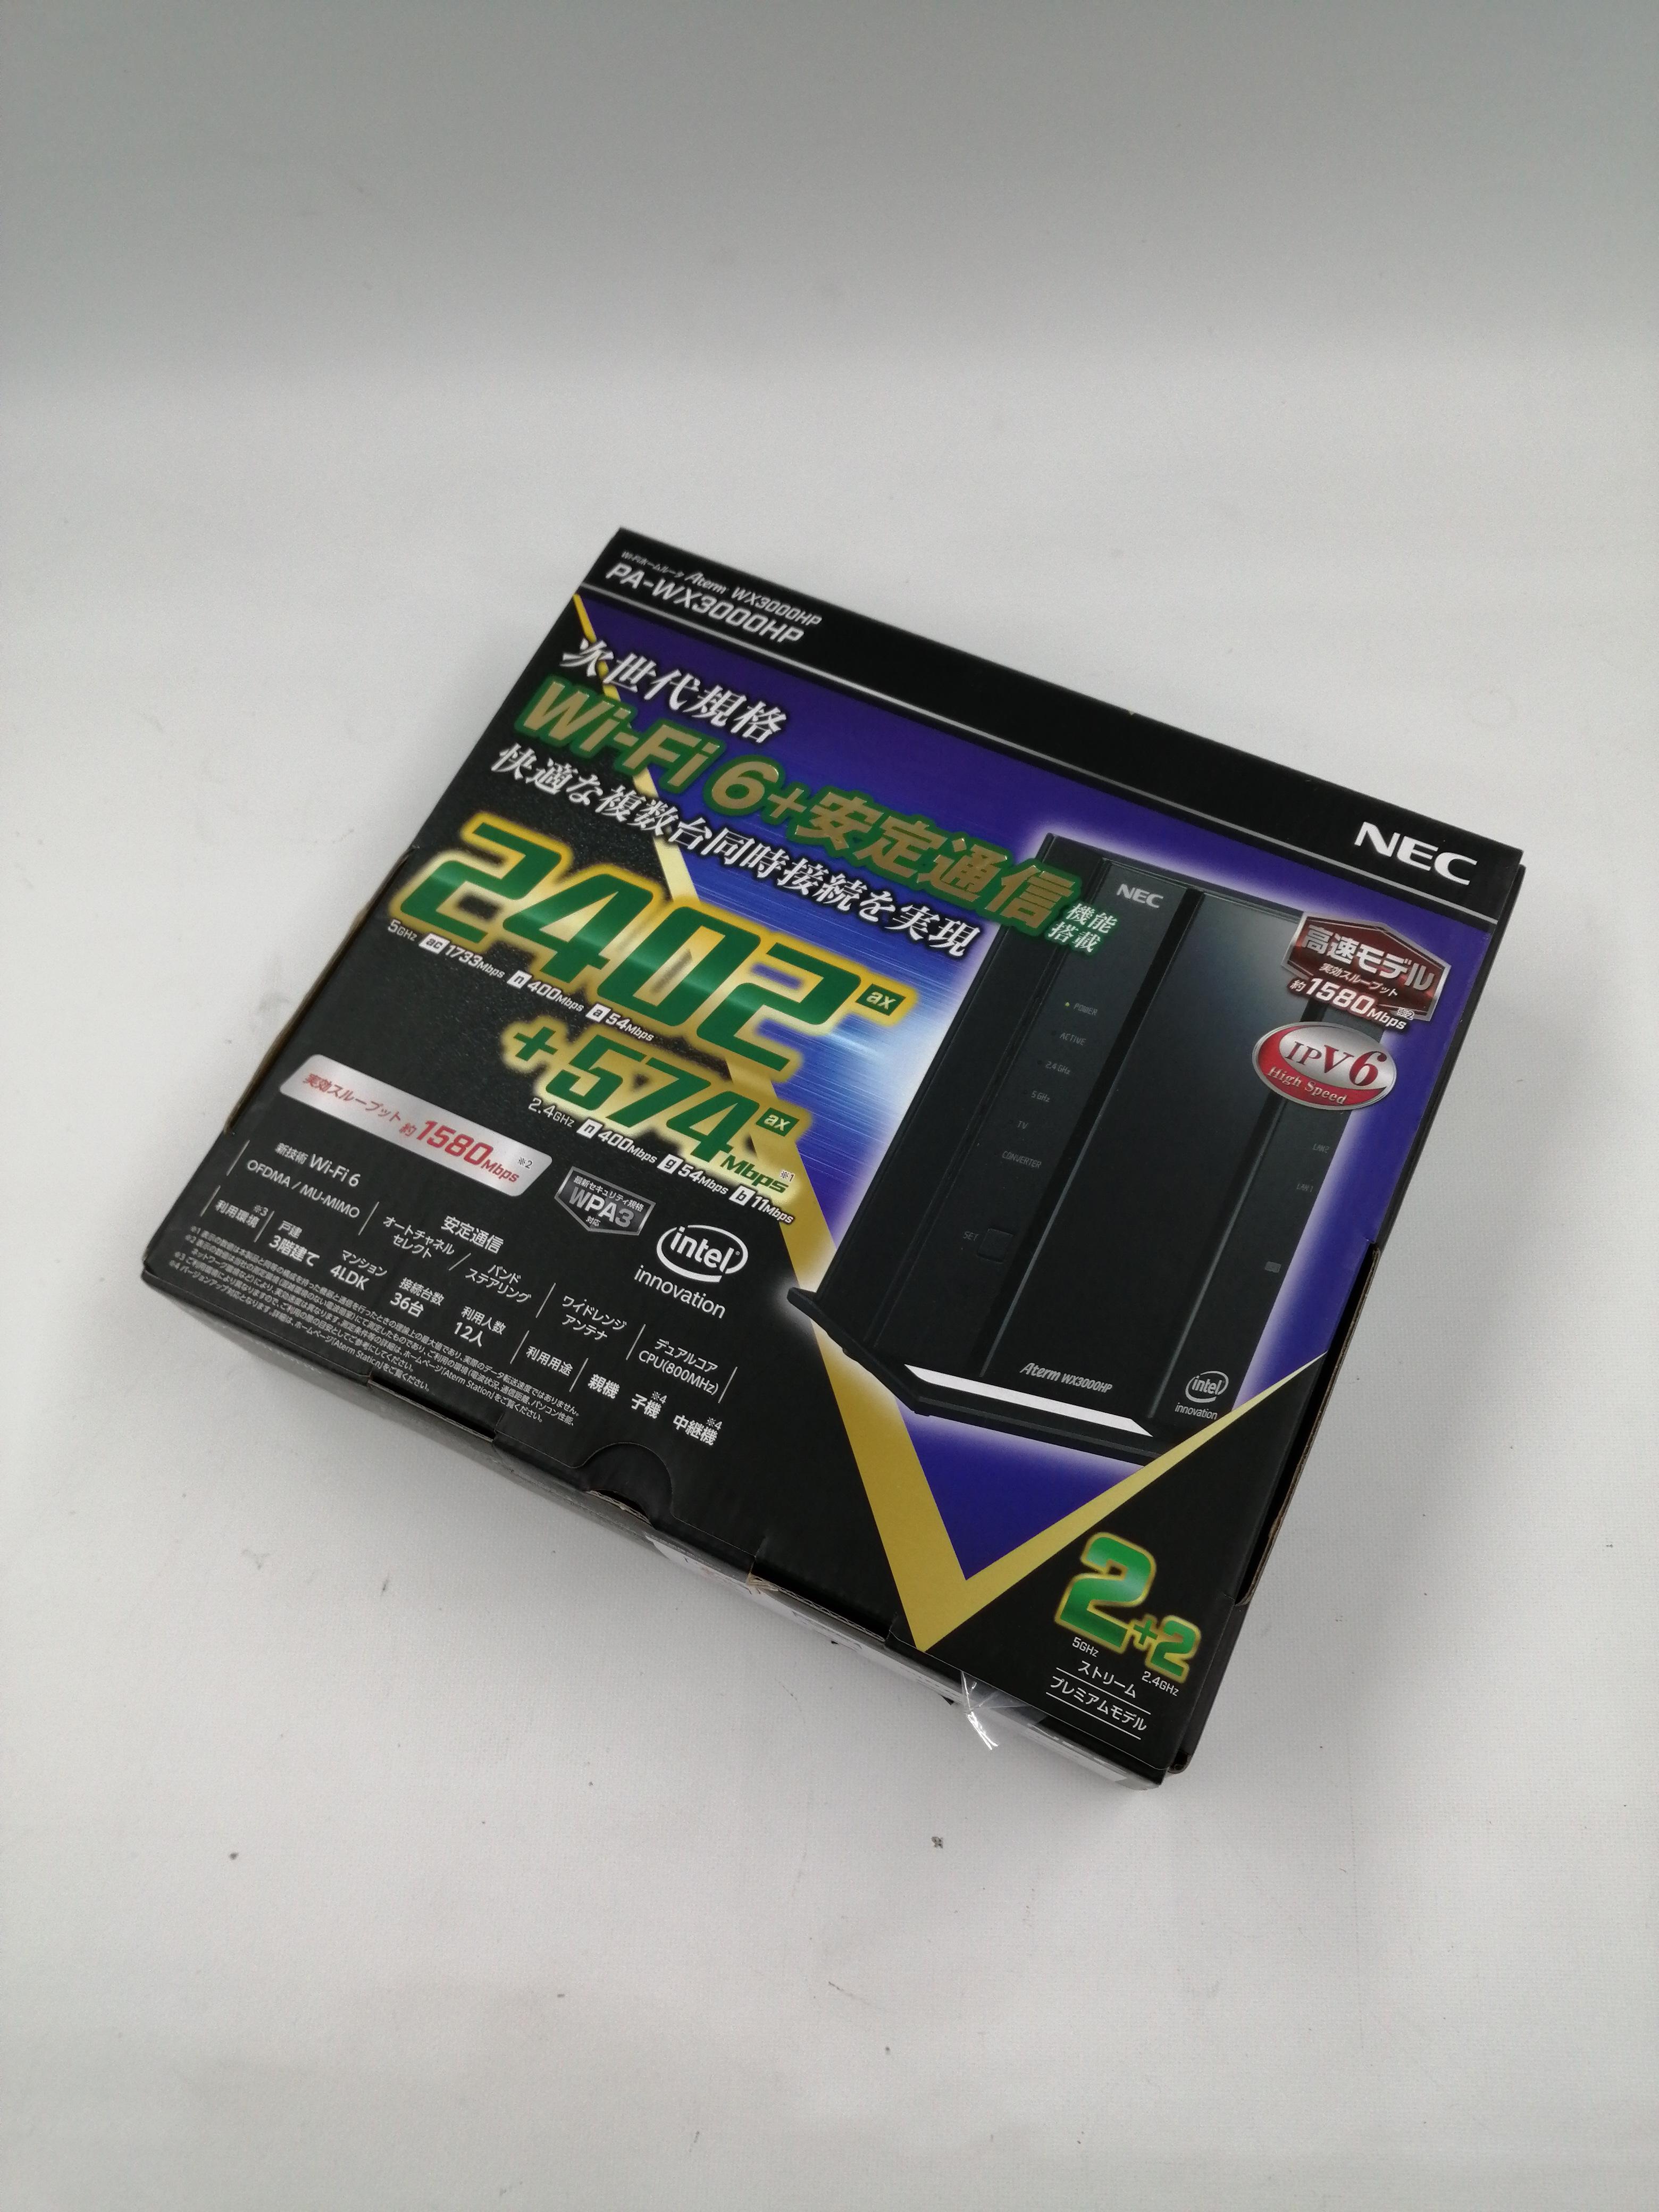 無線LANルーター NEC